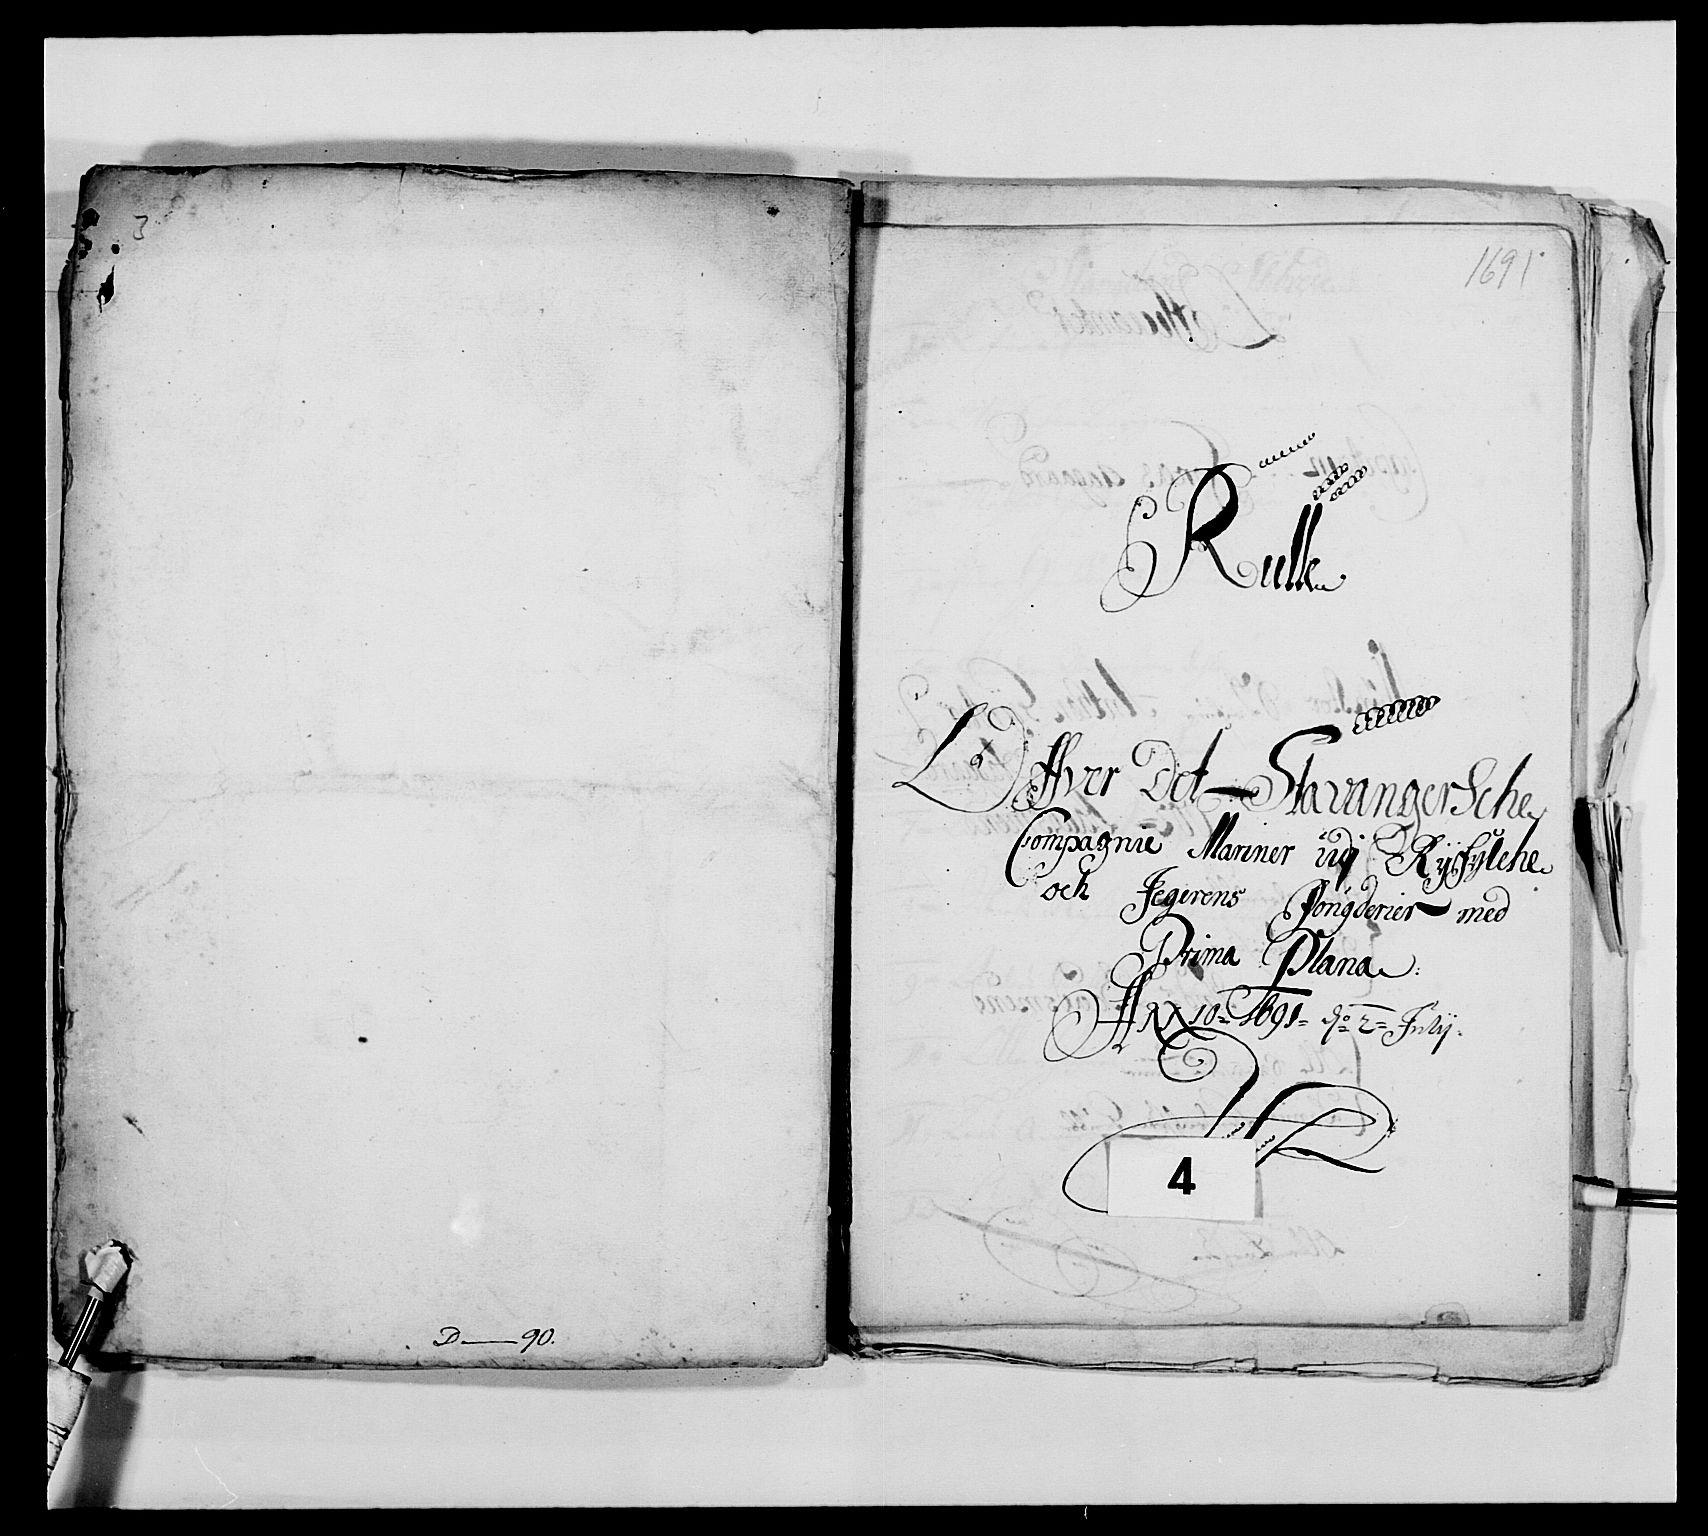 RA, Kommanderende general (KG I) med Det norske krigsdirektorium, E/Ea/L0473: Marineregimentet, 1664-1700, s. 134